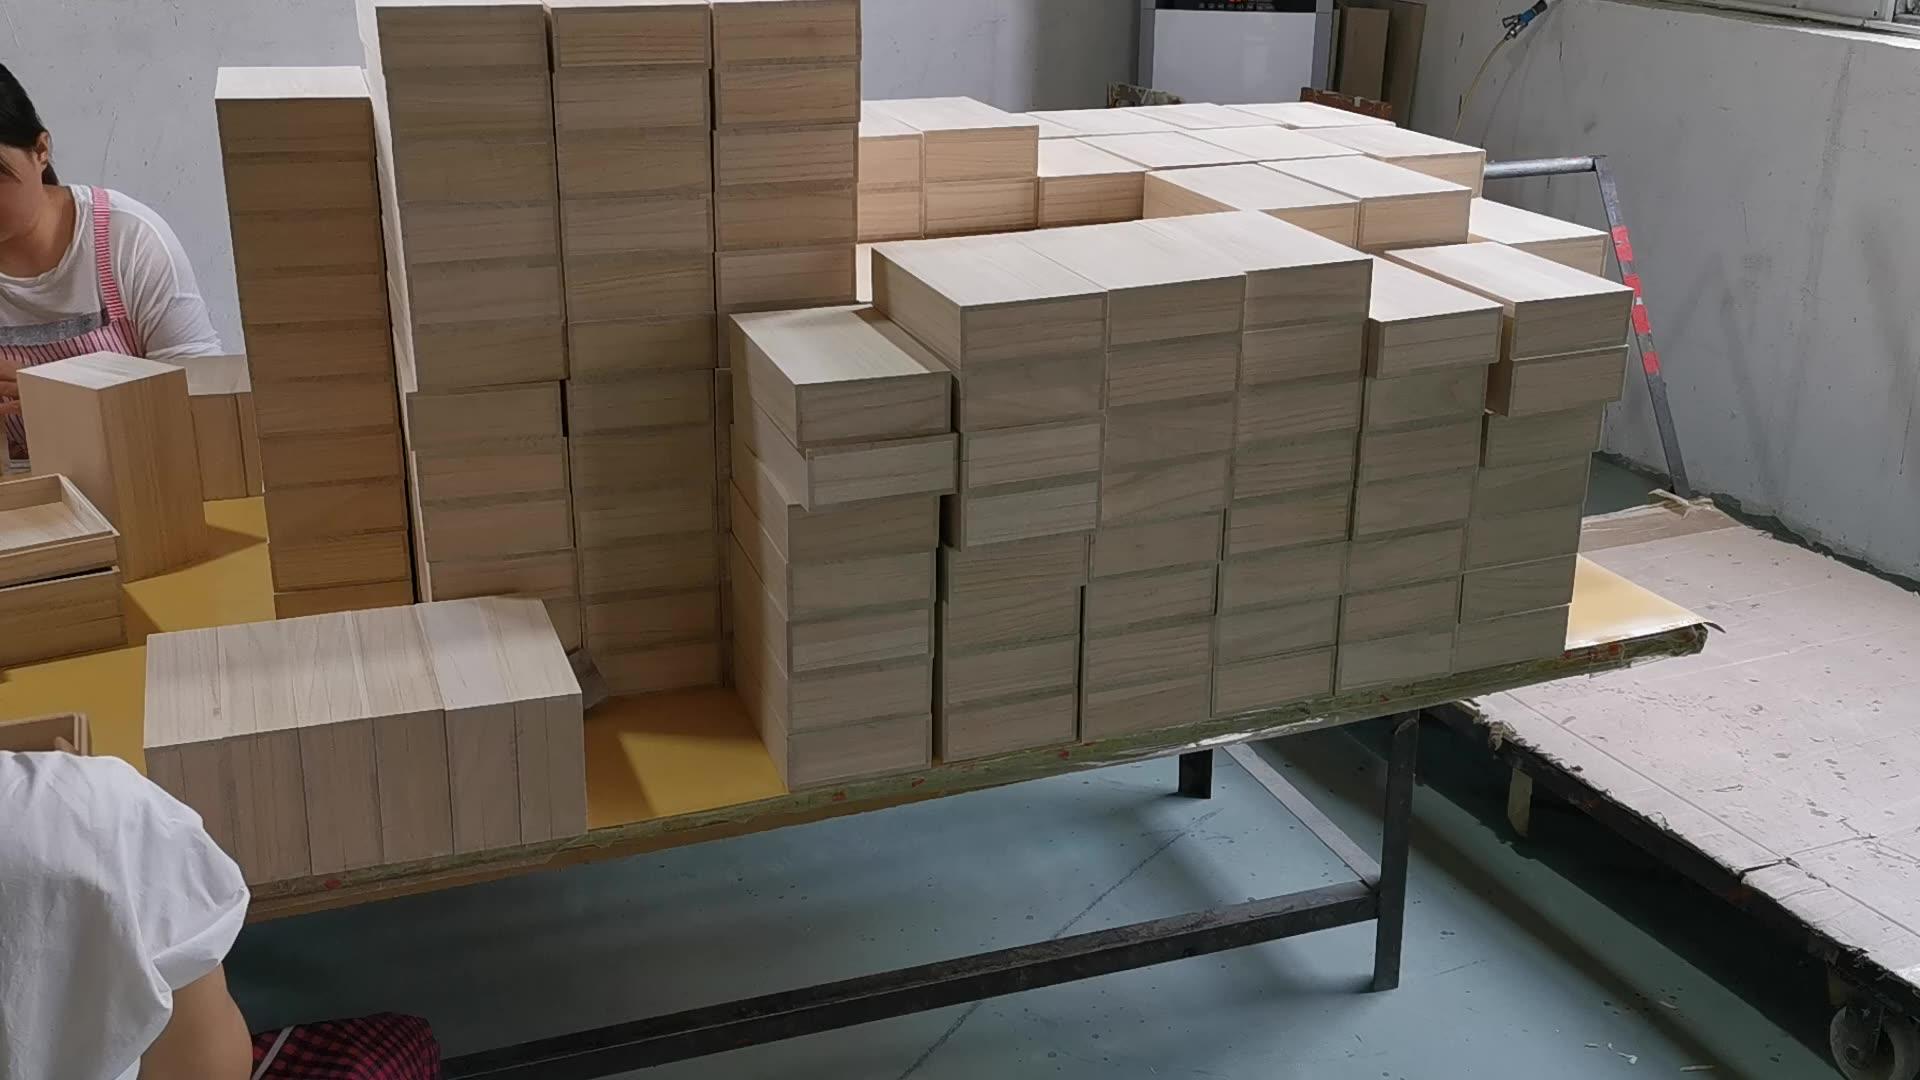 Kotak Hadiah Paket Kotak Kayu, Harga Pabrik Langsung Berkualitas Tinggi Kotak Hadiah Kayu